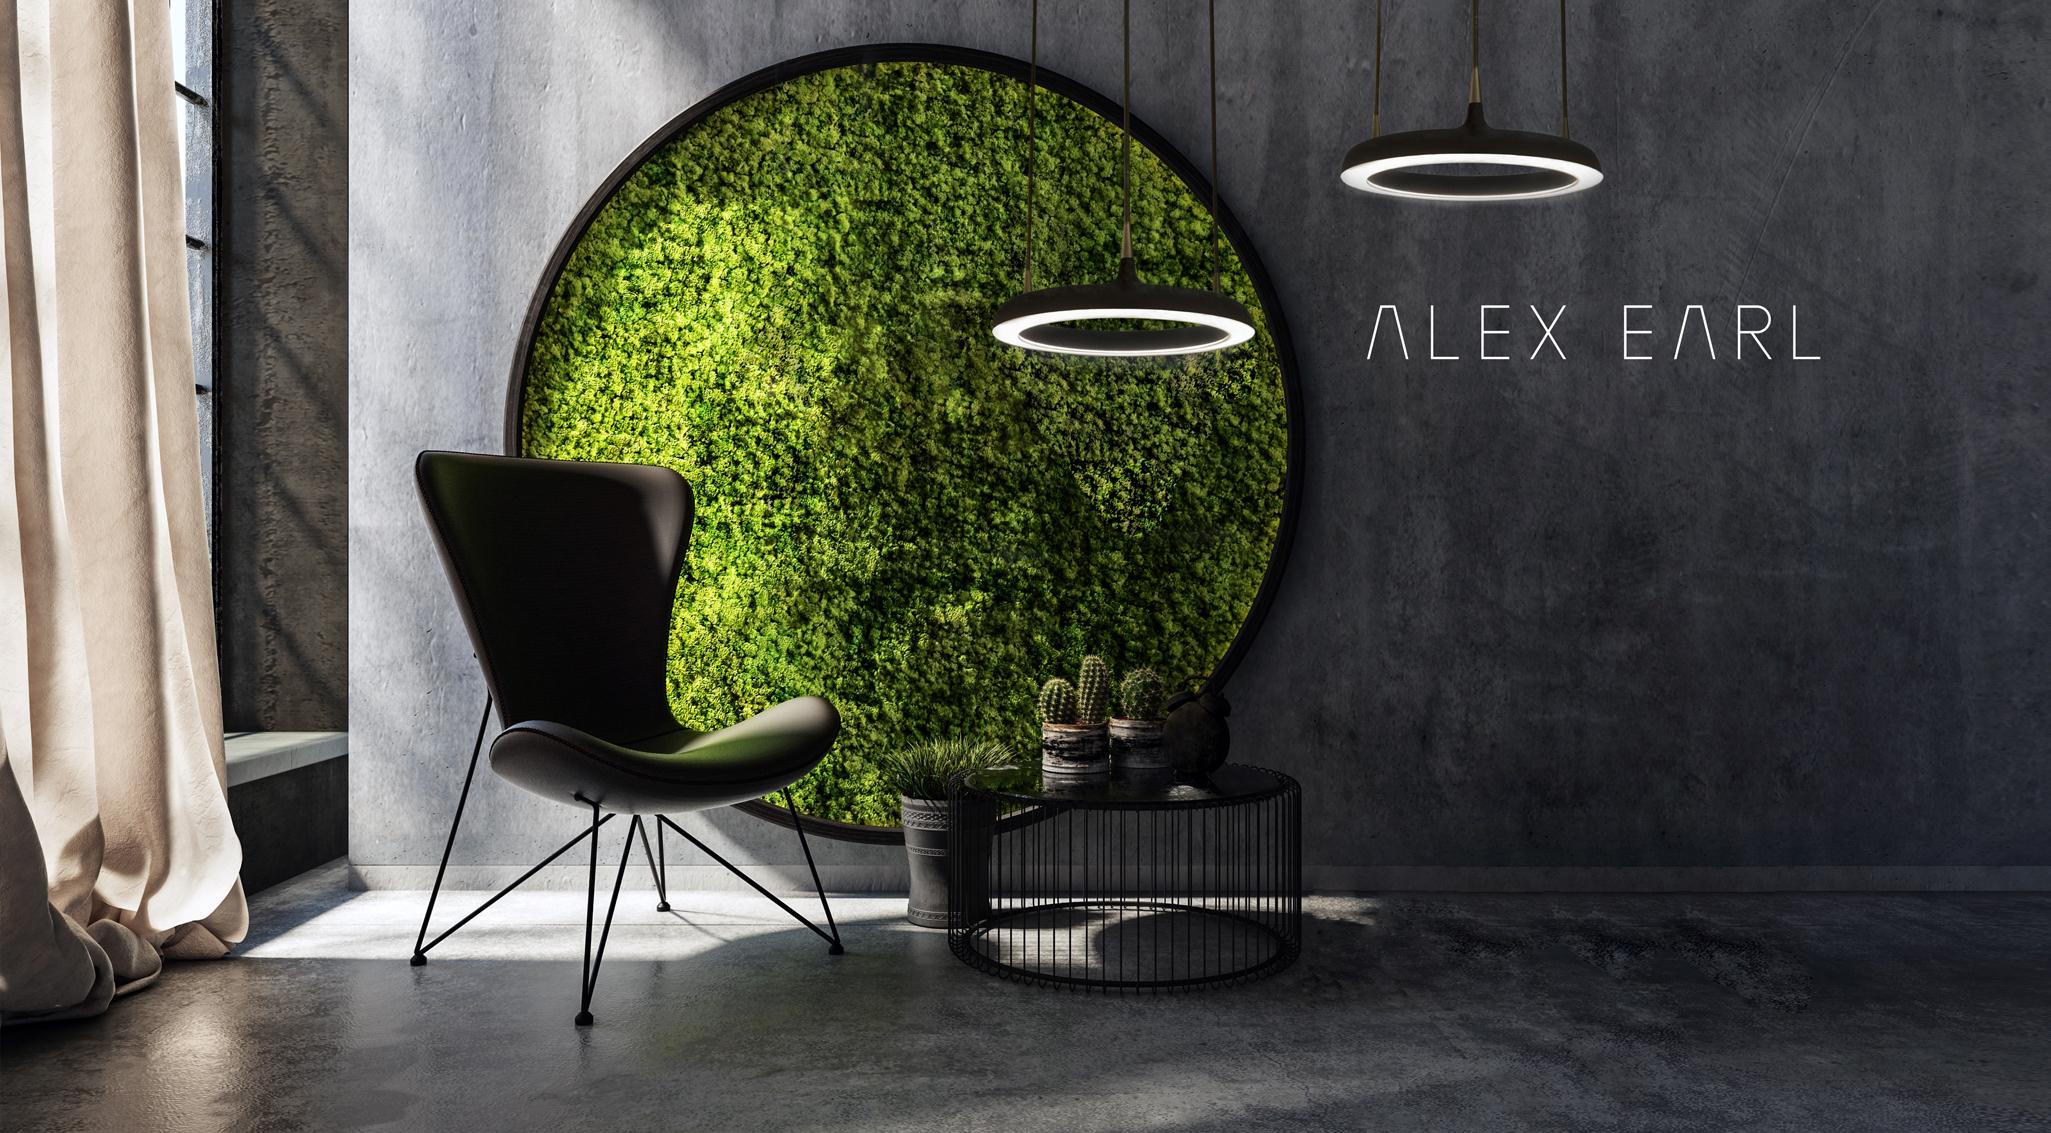 Alex-Earl-melbourne-designer-lighting-store-olid-light.jpg